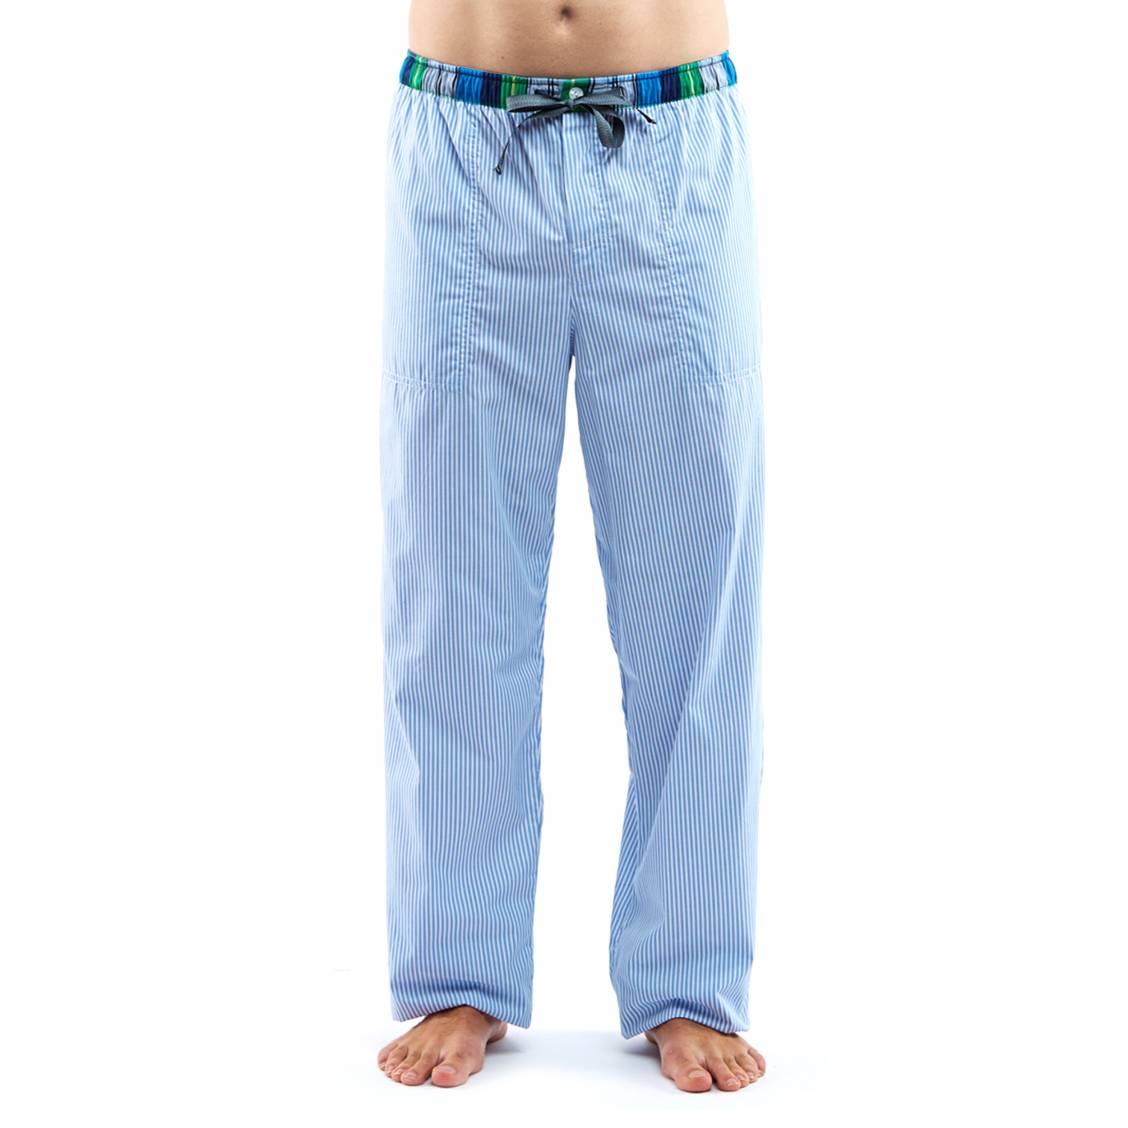 Pyjama homme wmag modes et tendances for Pyjama homme chaud